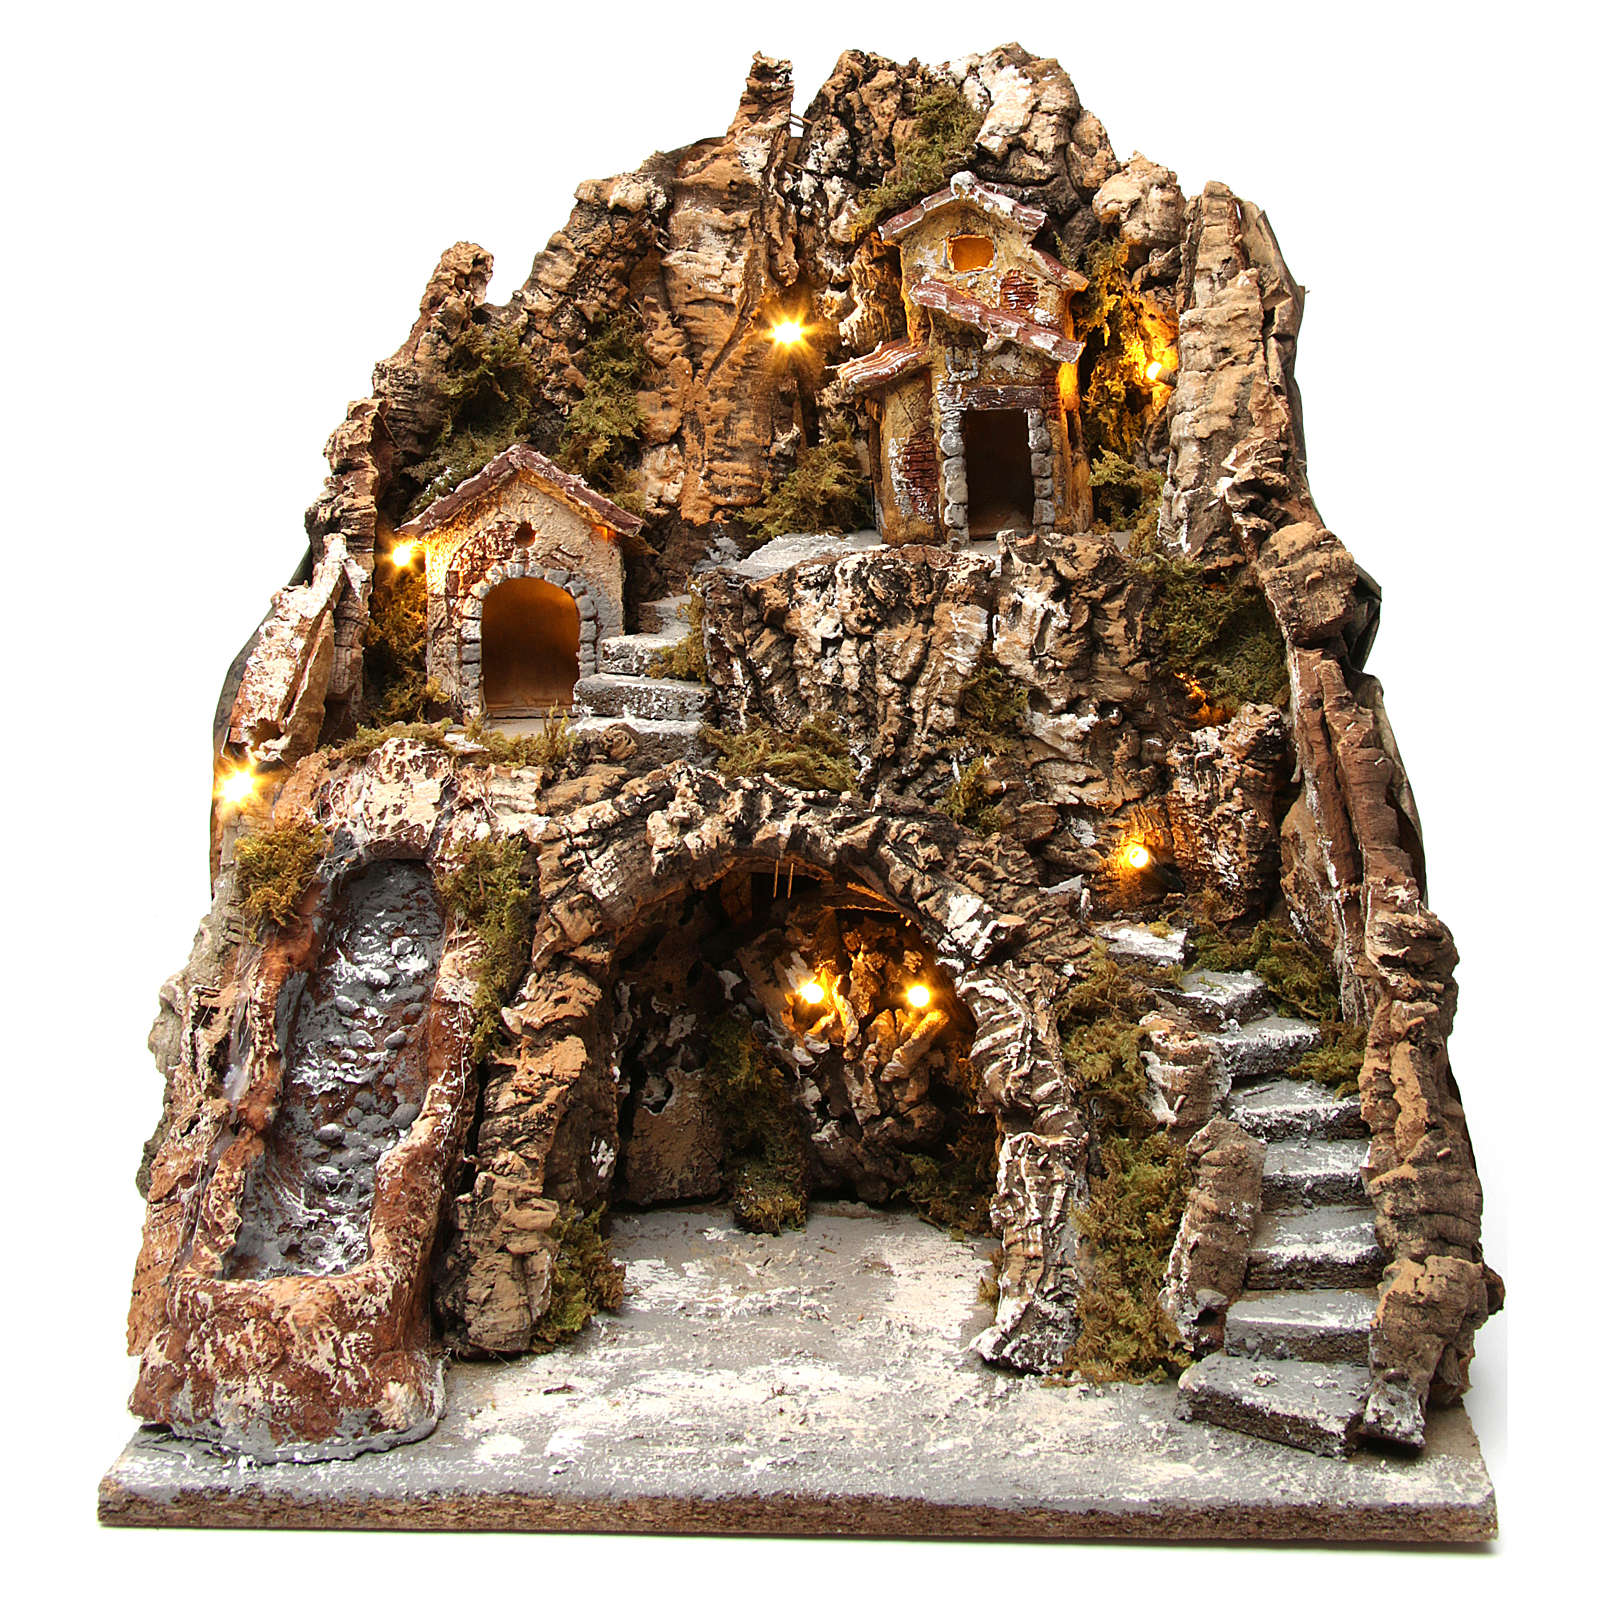 Illuminated Neapolitan nativity scene with hut and waterfall 40X35X30 cm 4